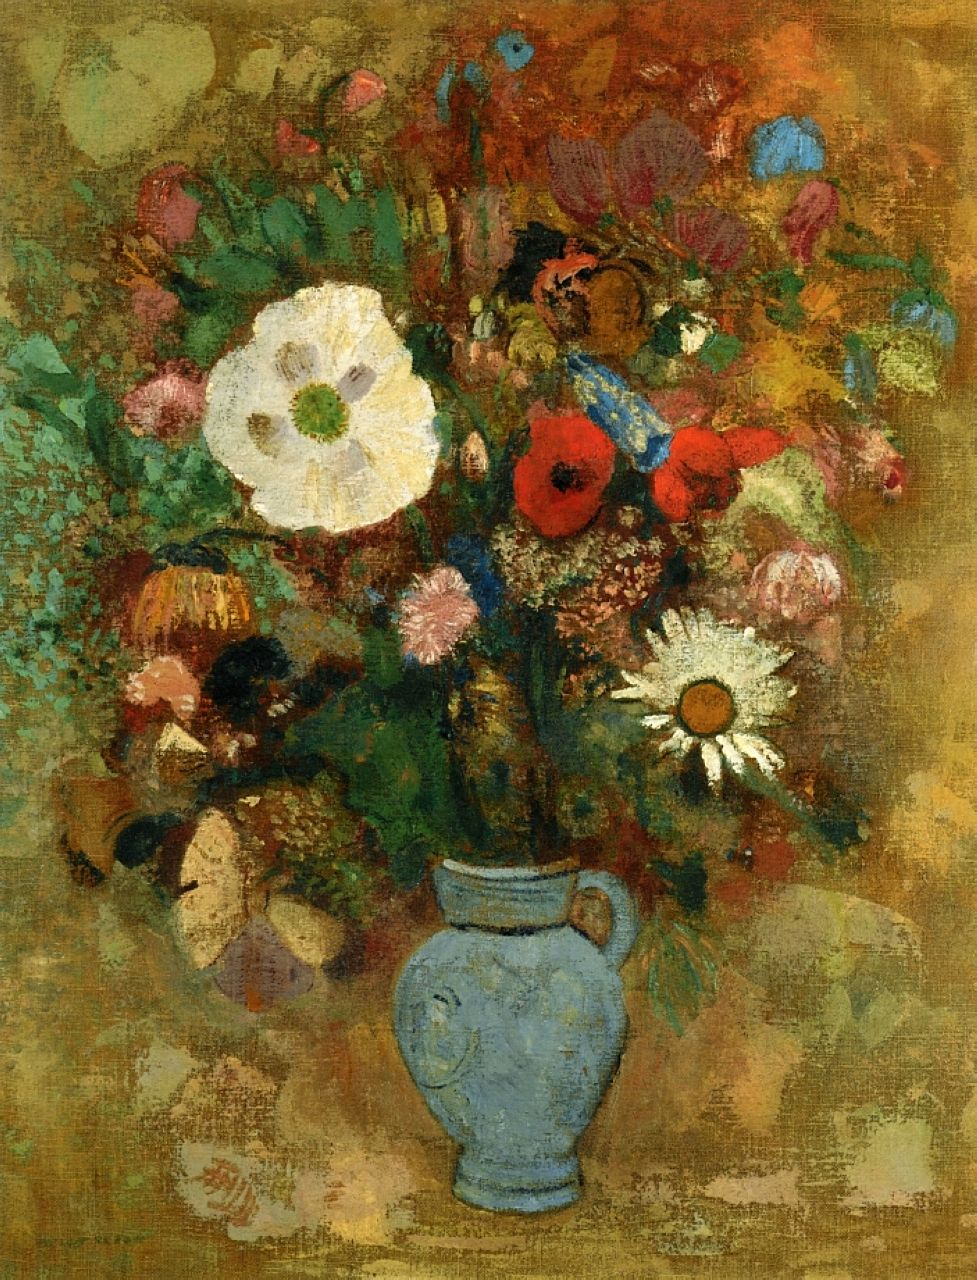 Odilon redon flowers bouquet of flowers odilon redon art of odilon redon flowers bouquet of flowers izmirmasajfo